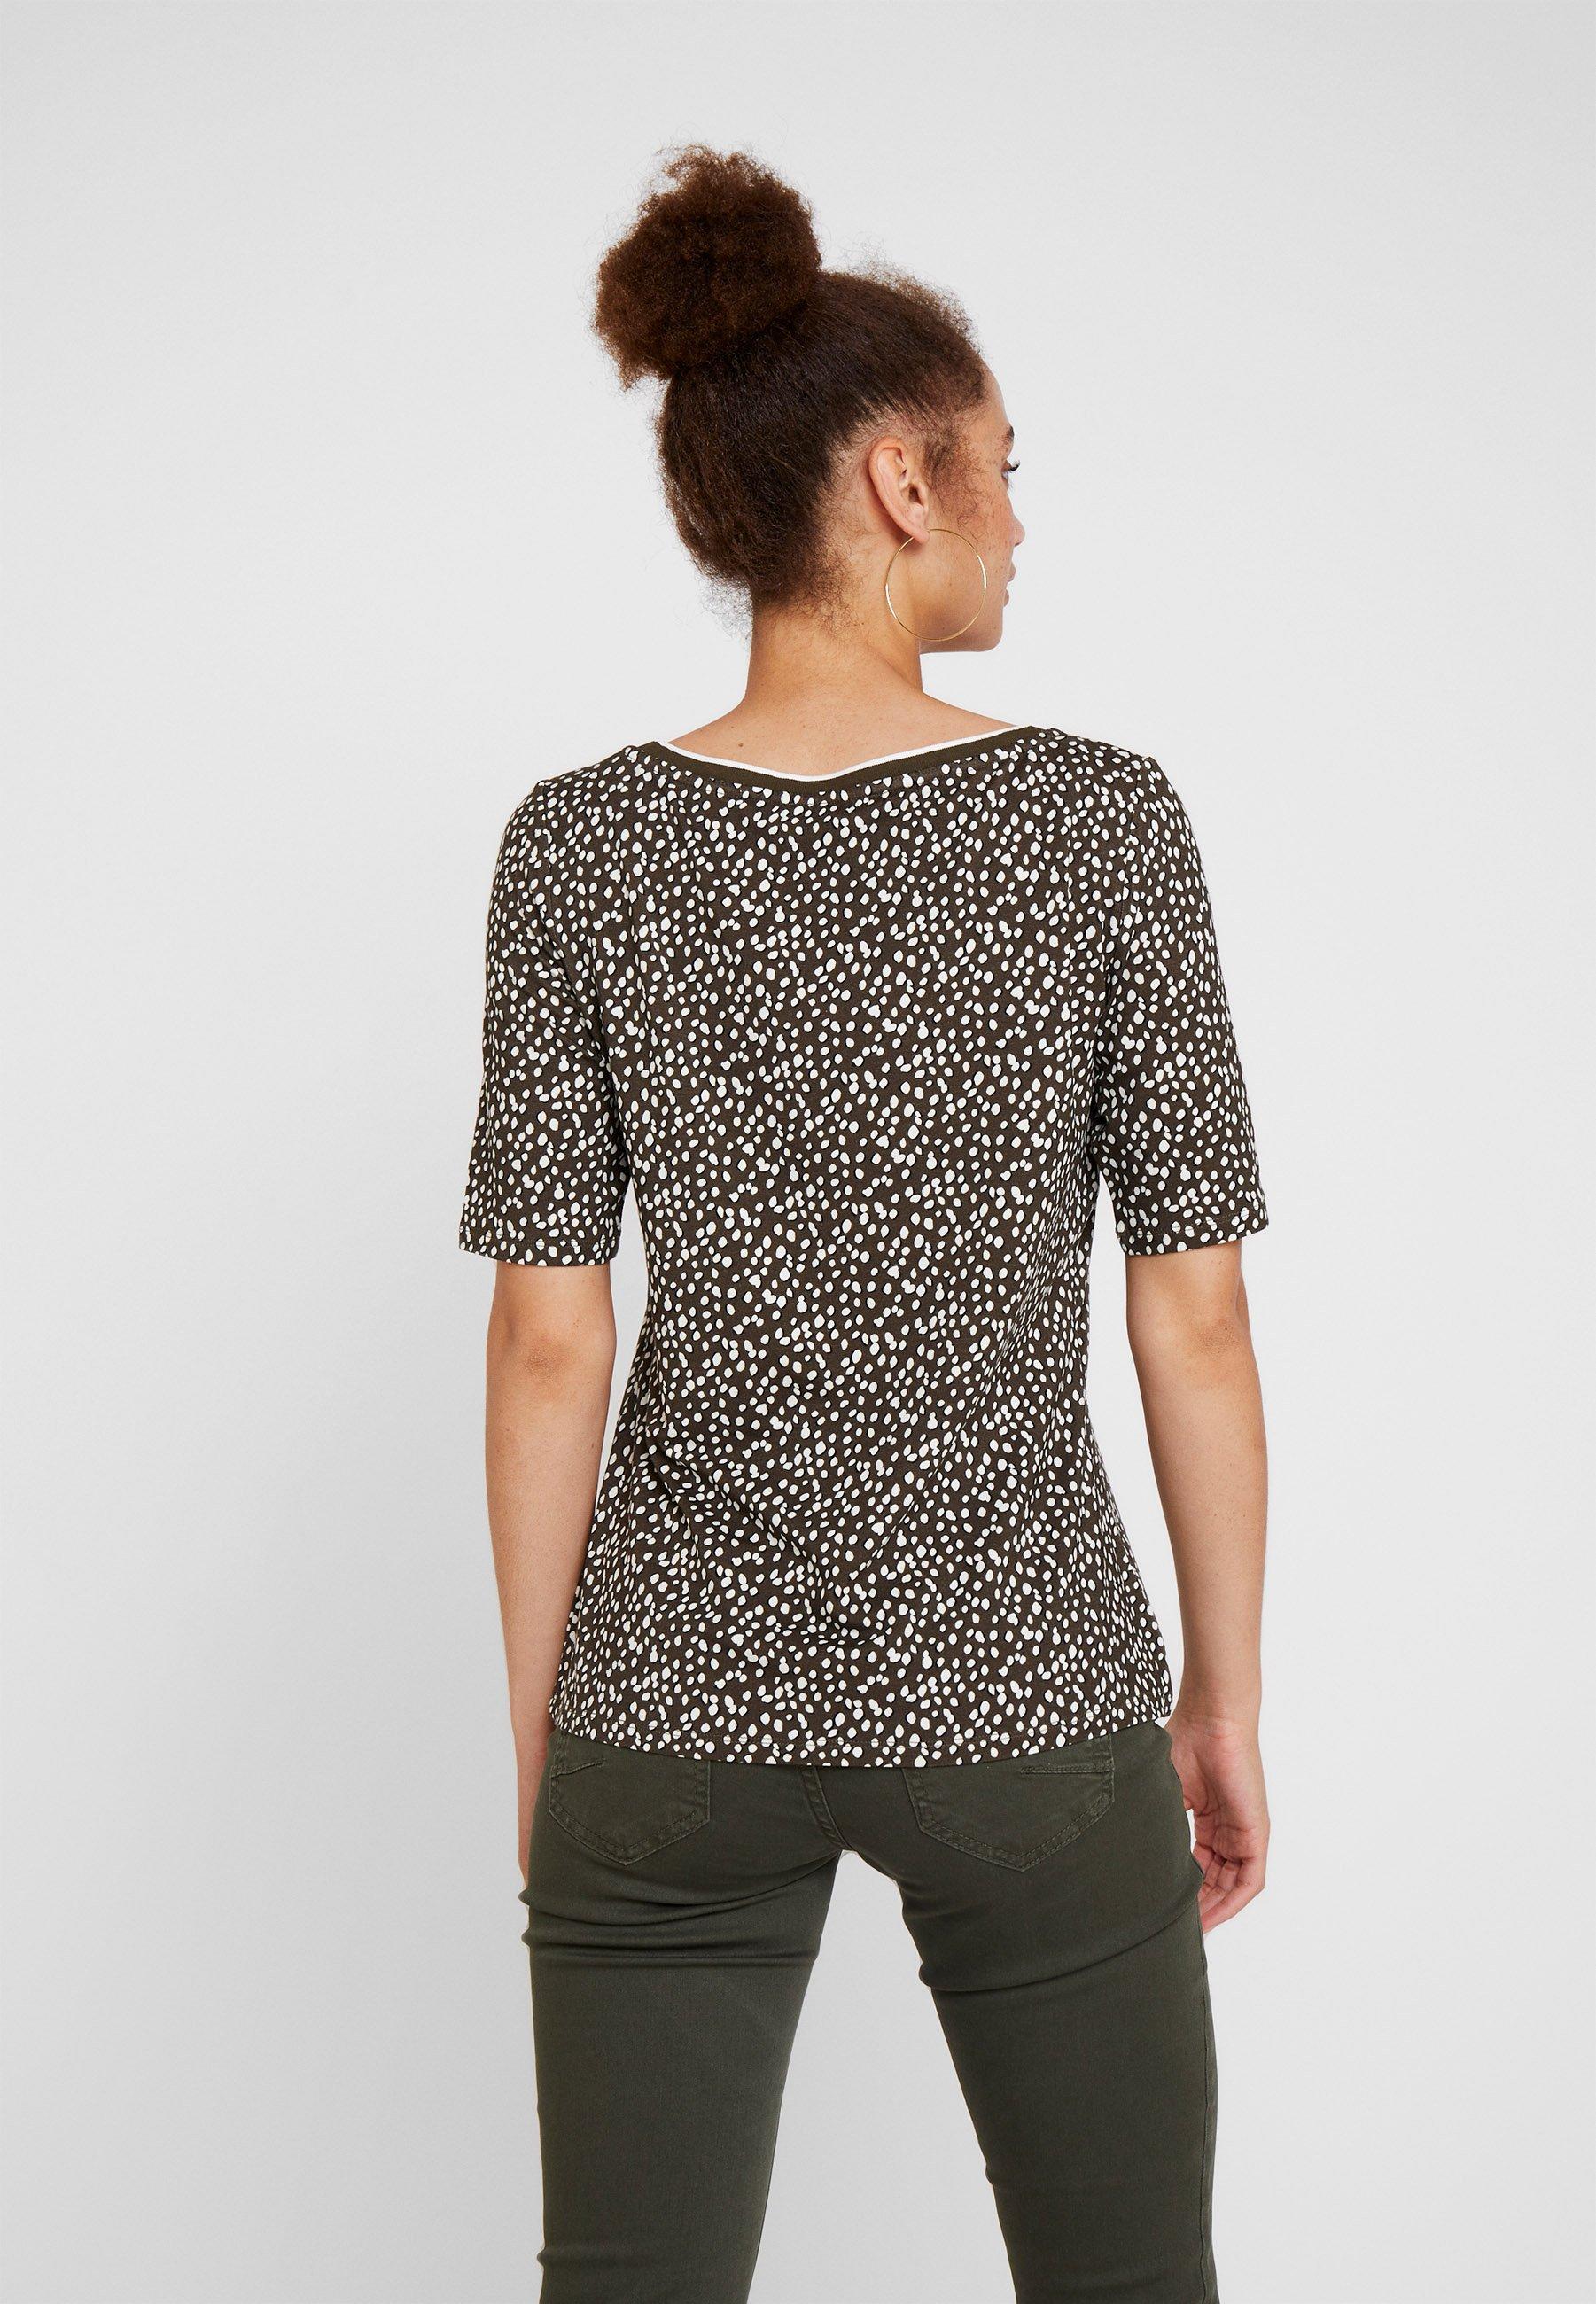 shirt ImpriméKhaki ImpriméKhaki Comma Comma T T shirt Comma j35RL4A